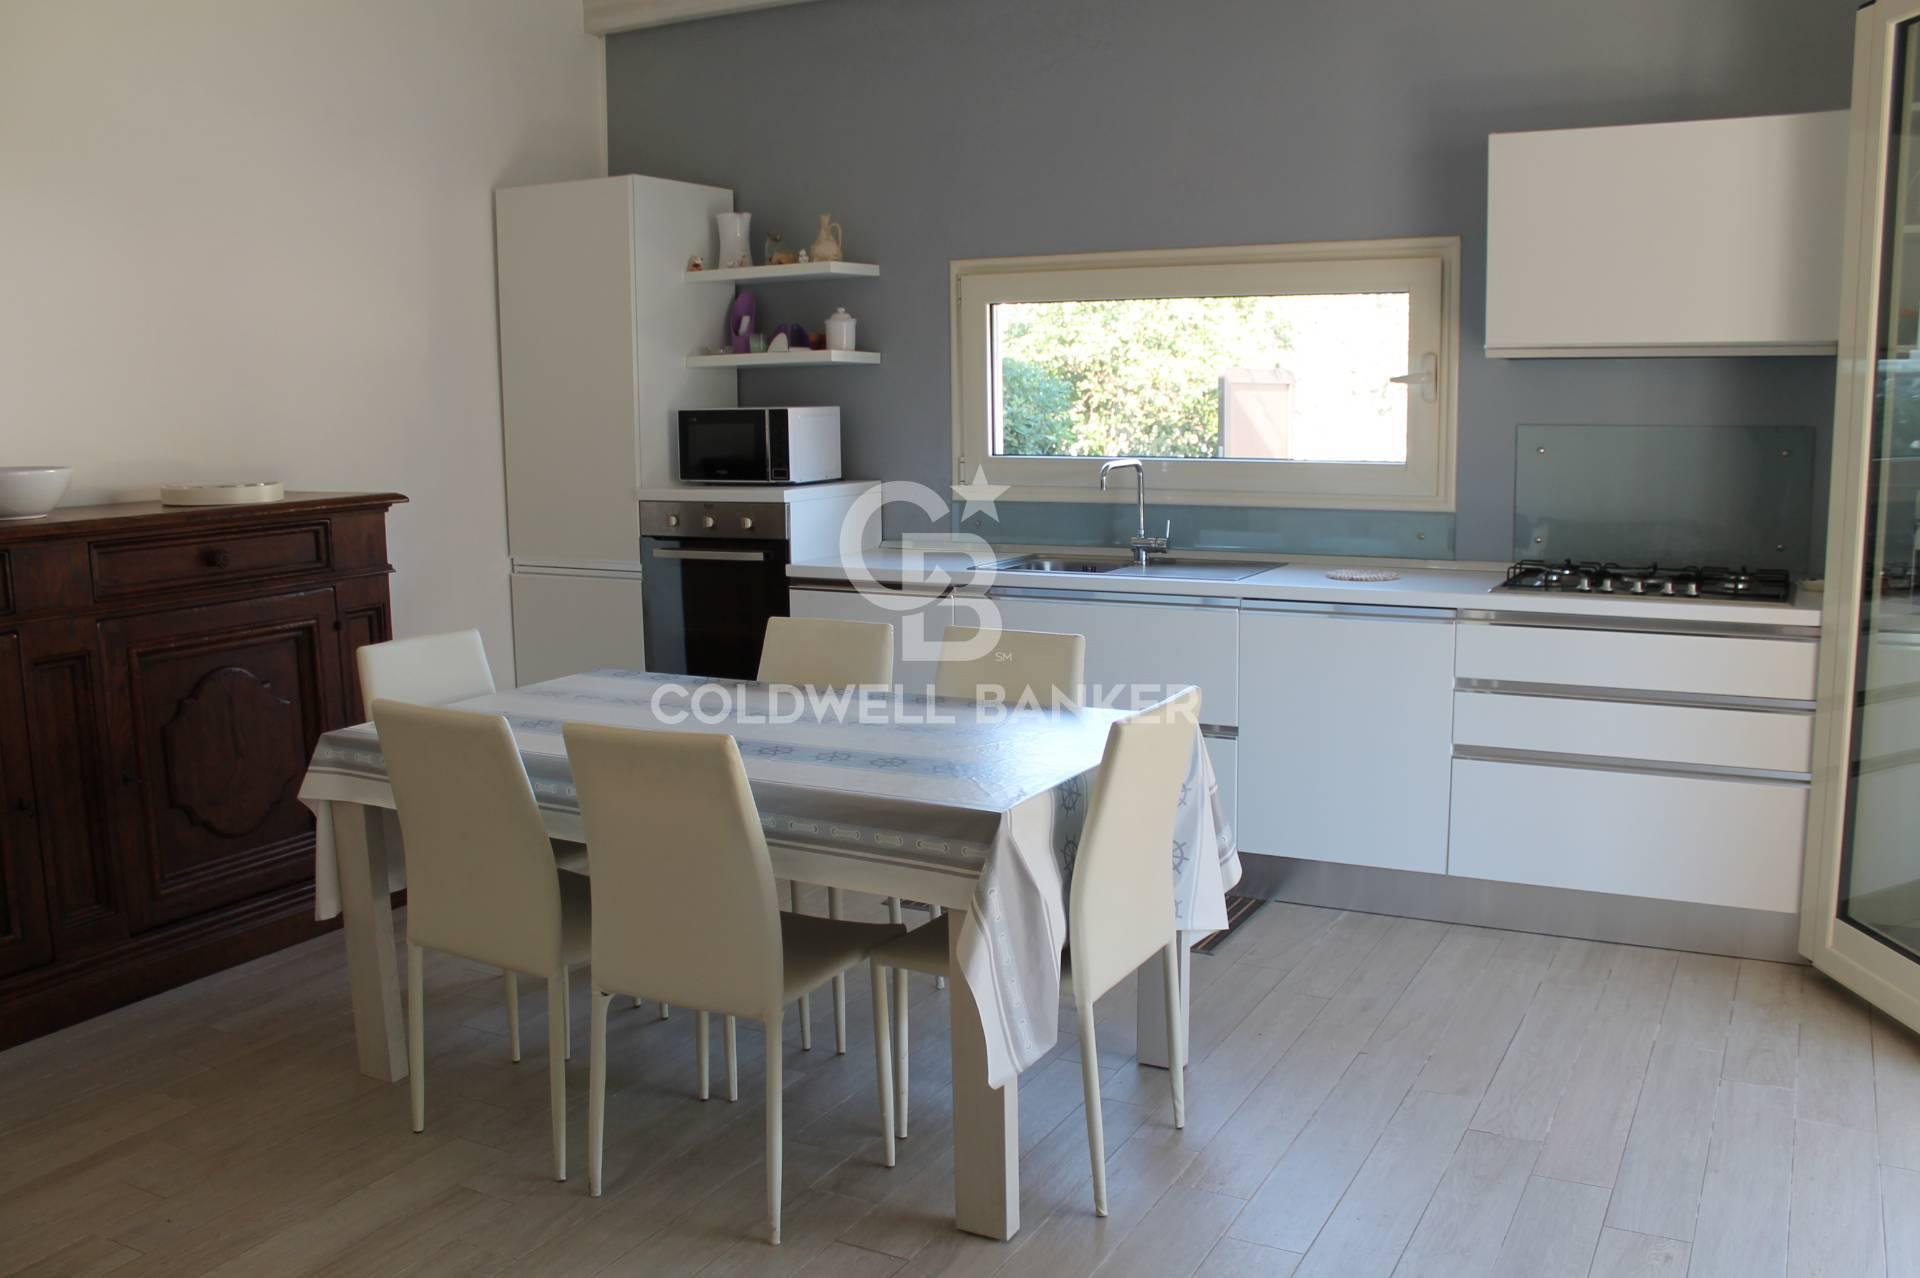 Villa in vendita a Sannicola, 3 locali, prezzo € 150.000 | CambioCasa.it